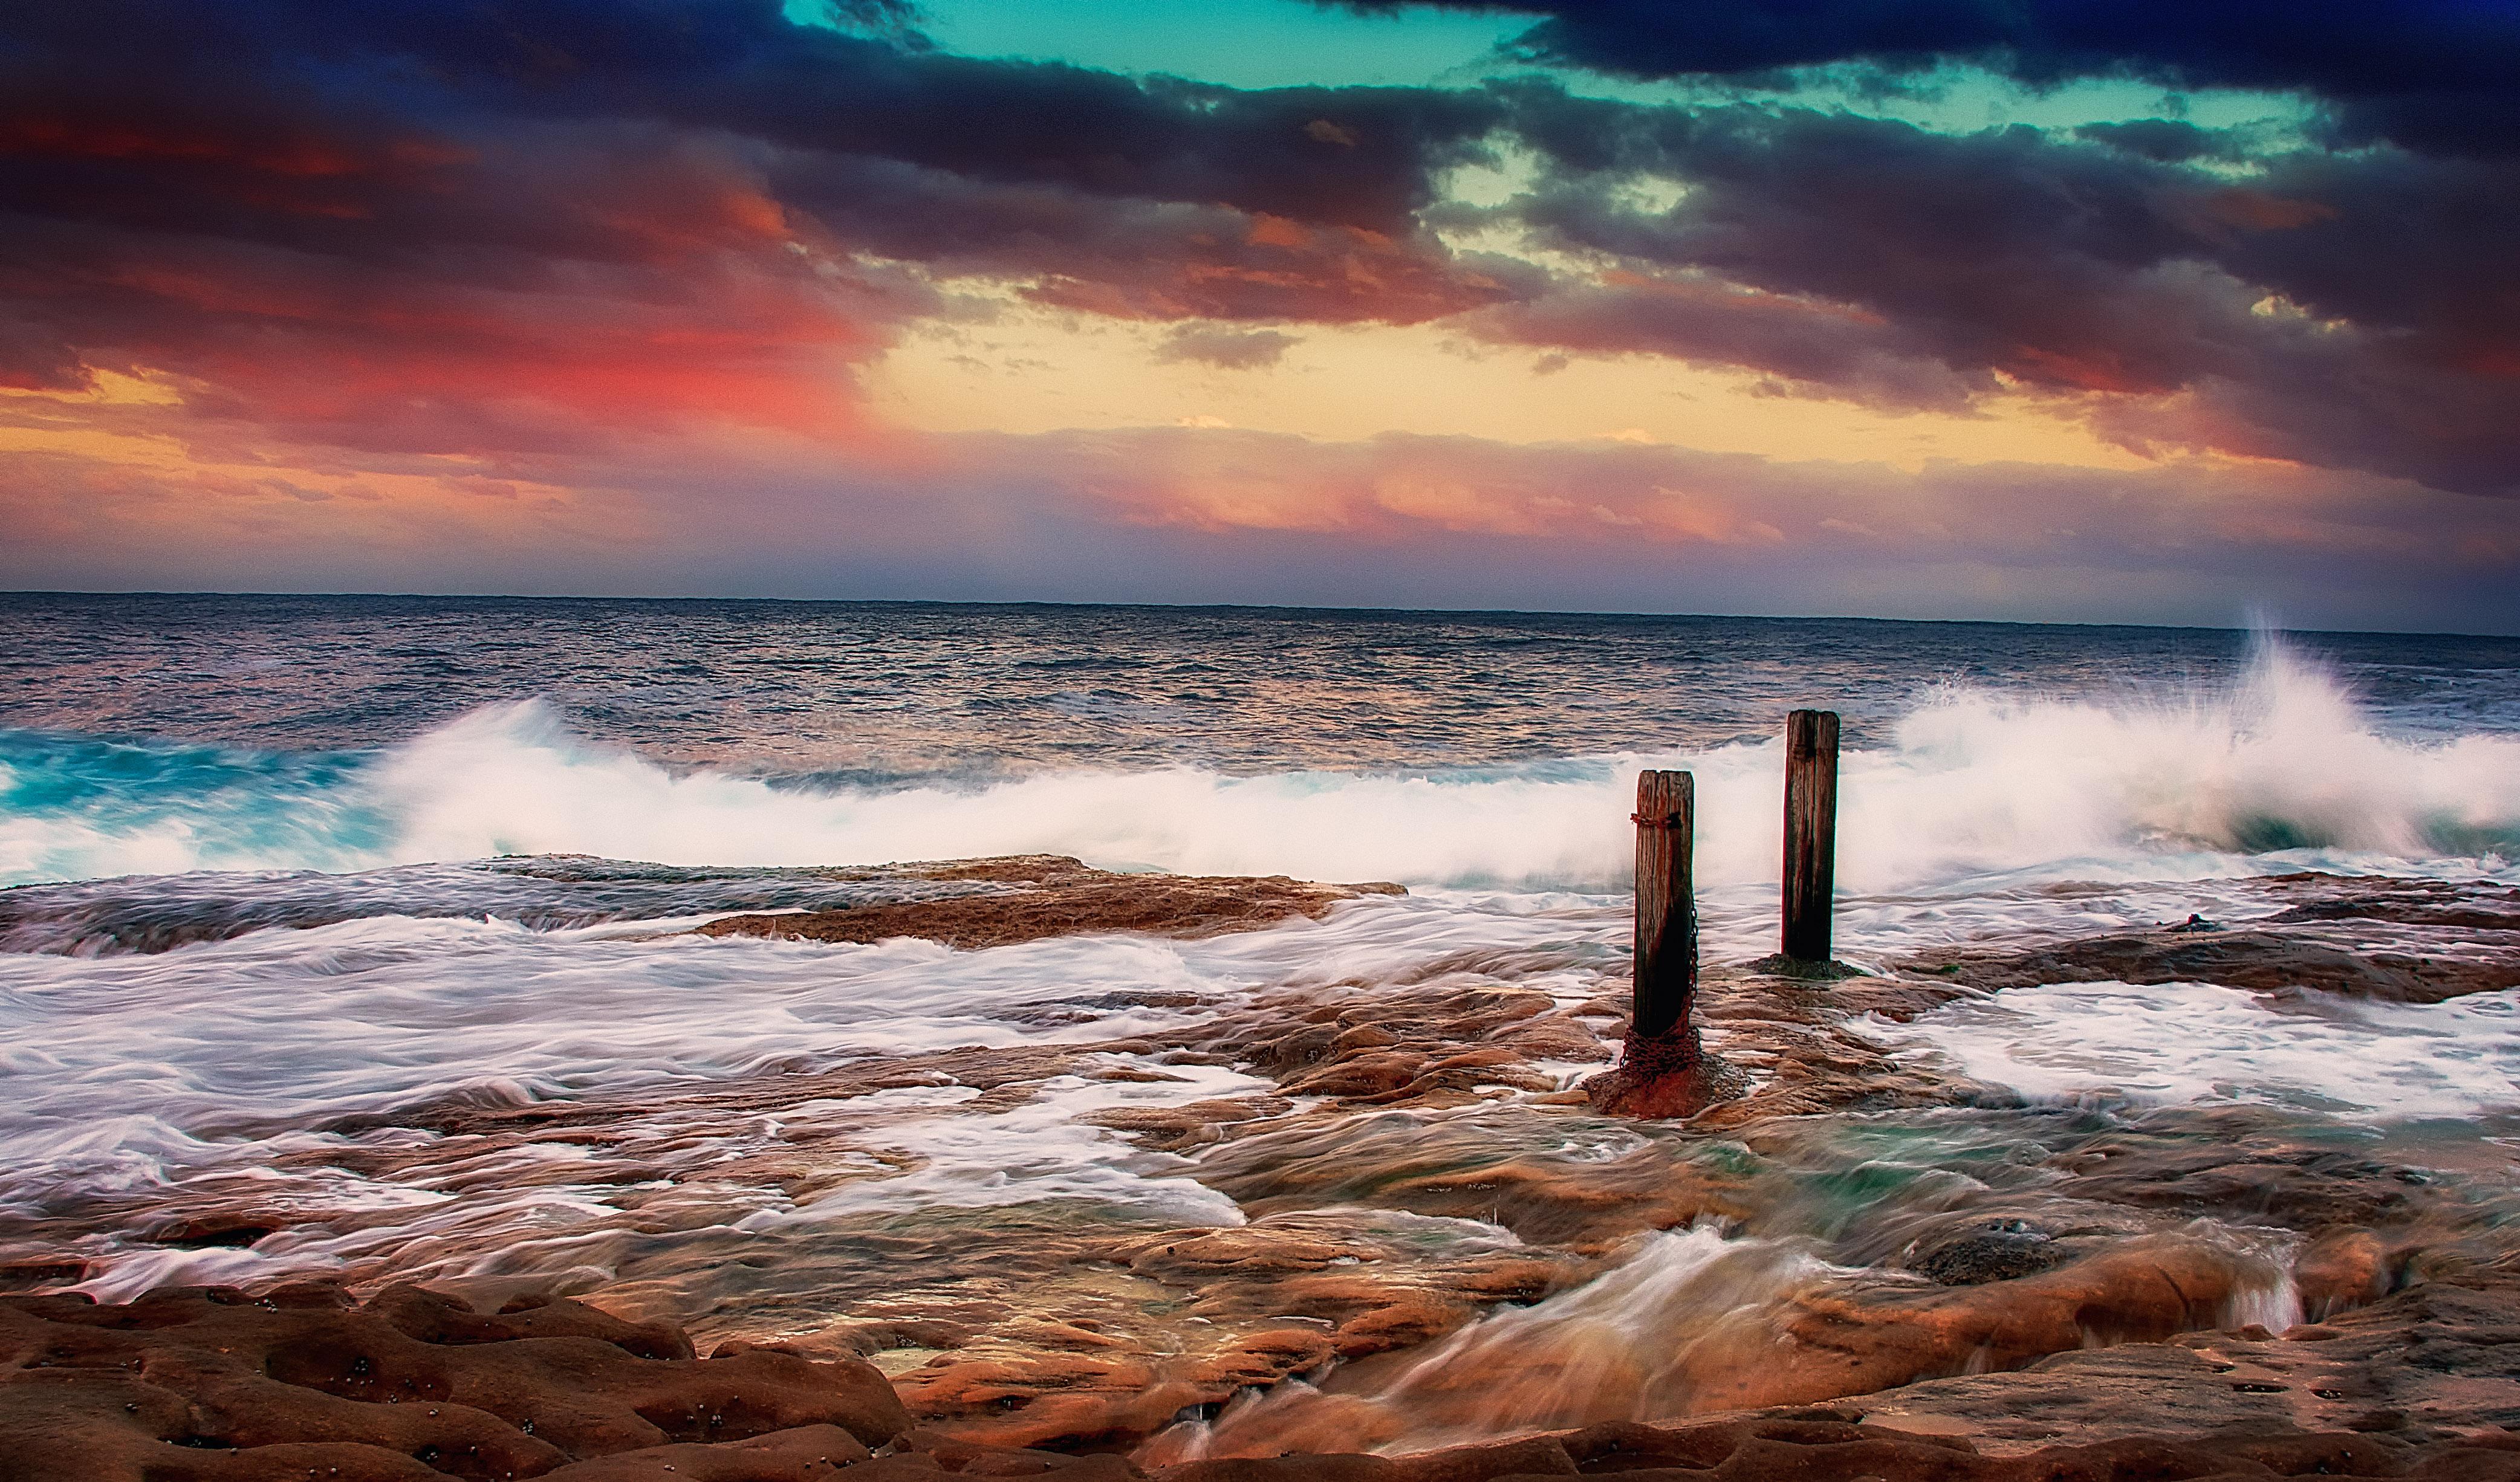 South Cogee Beach